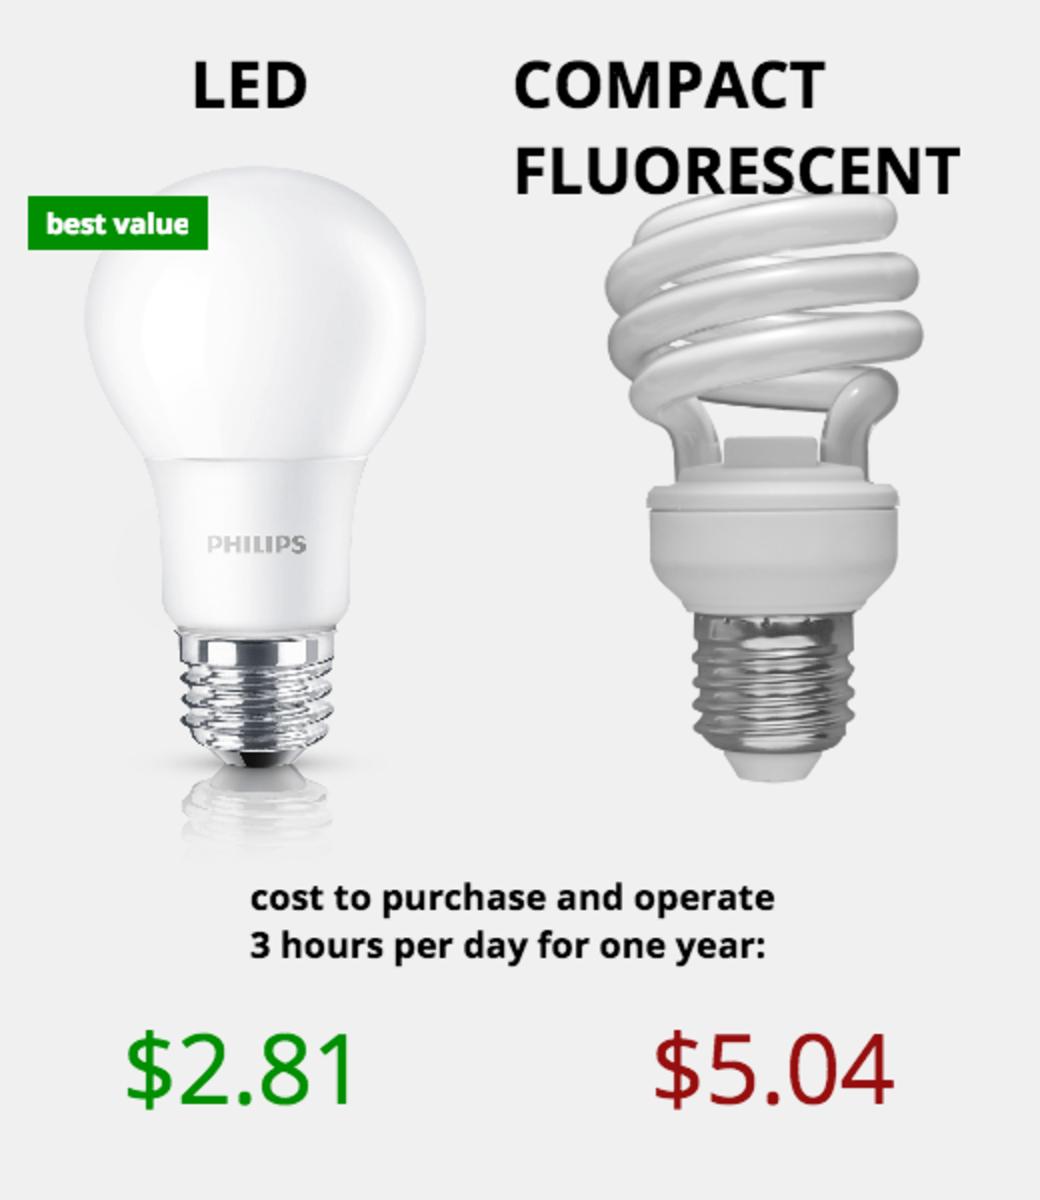 Cfl Bulbs Vs Led Lights